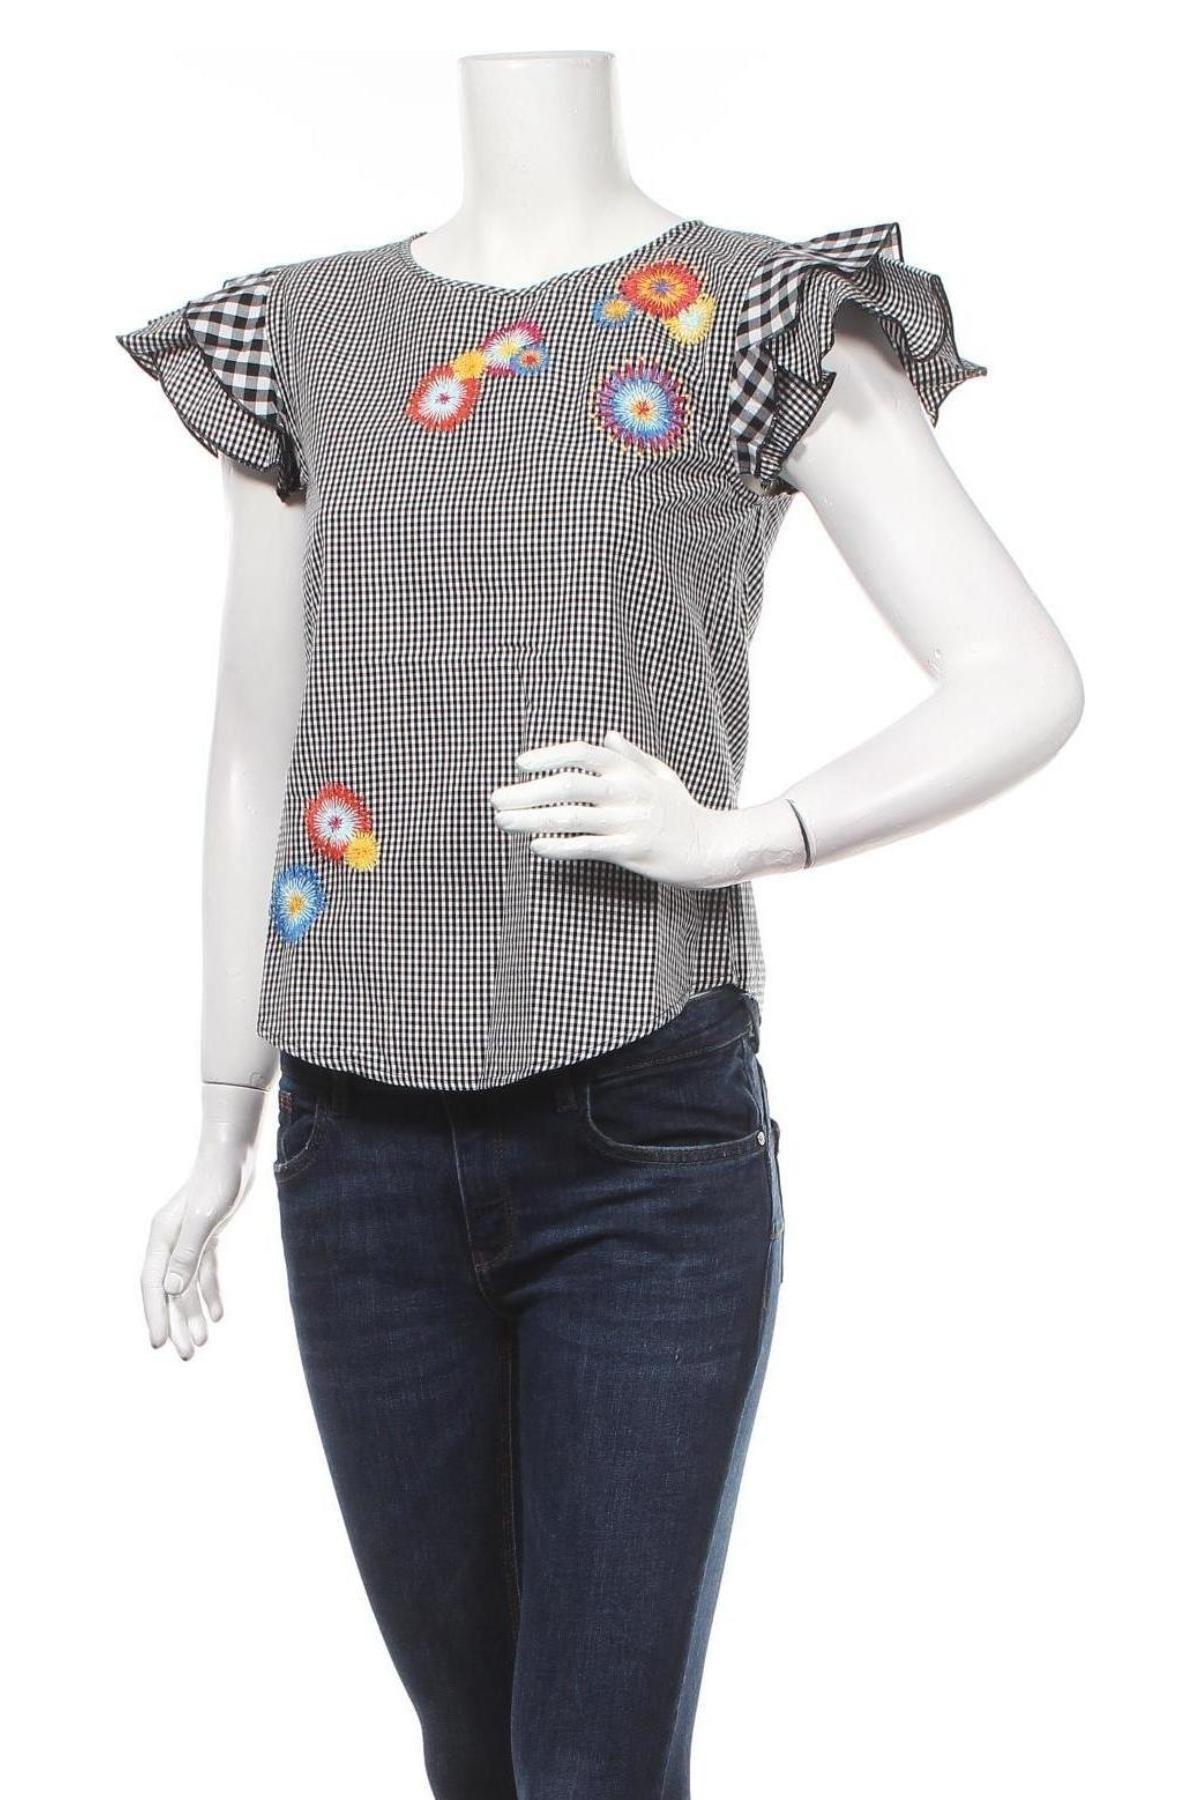 Γυναικεία μπλούζα Desigual, Μέγεθος S, Χρώμα Μαύρο, Βαμβάκι, Τιμή 38,27€